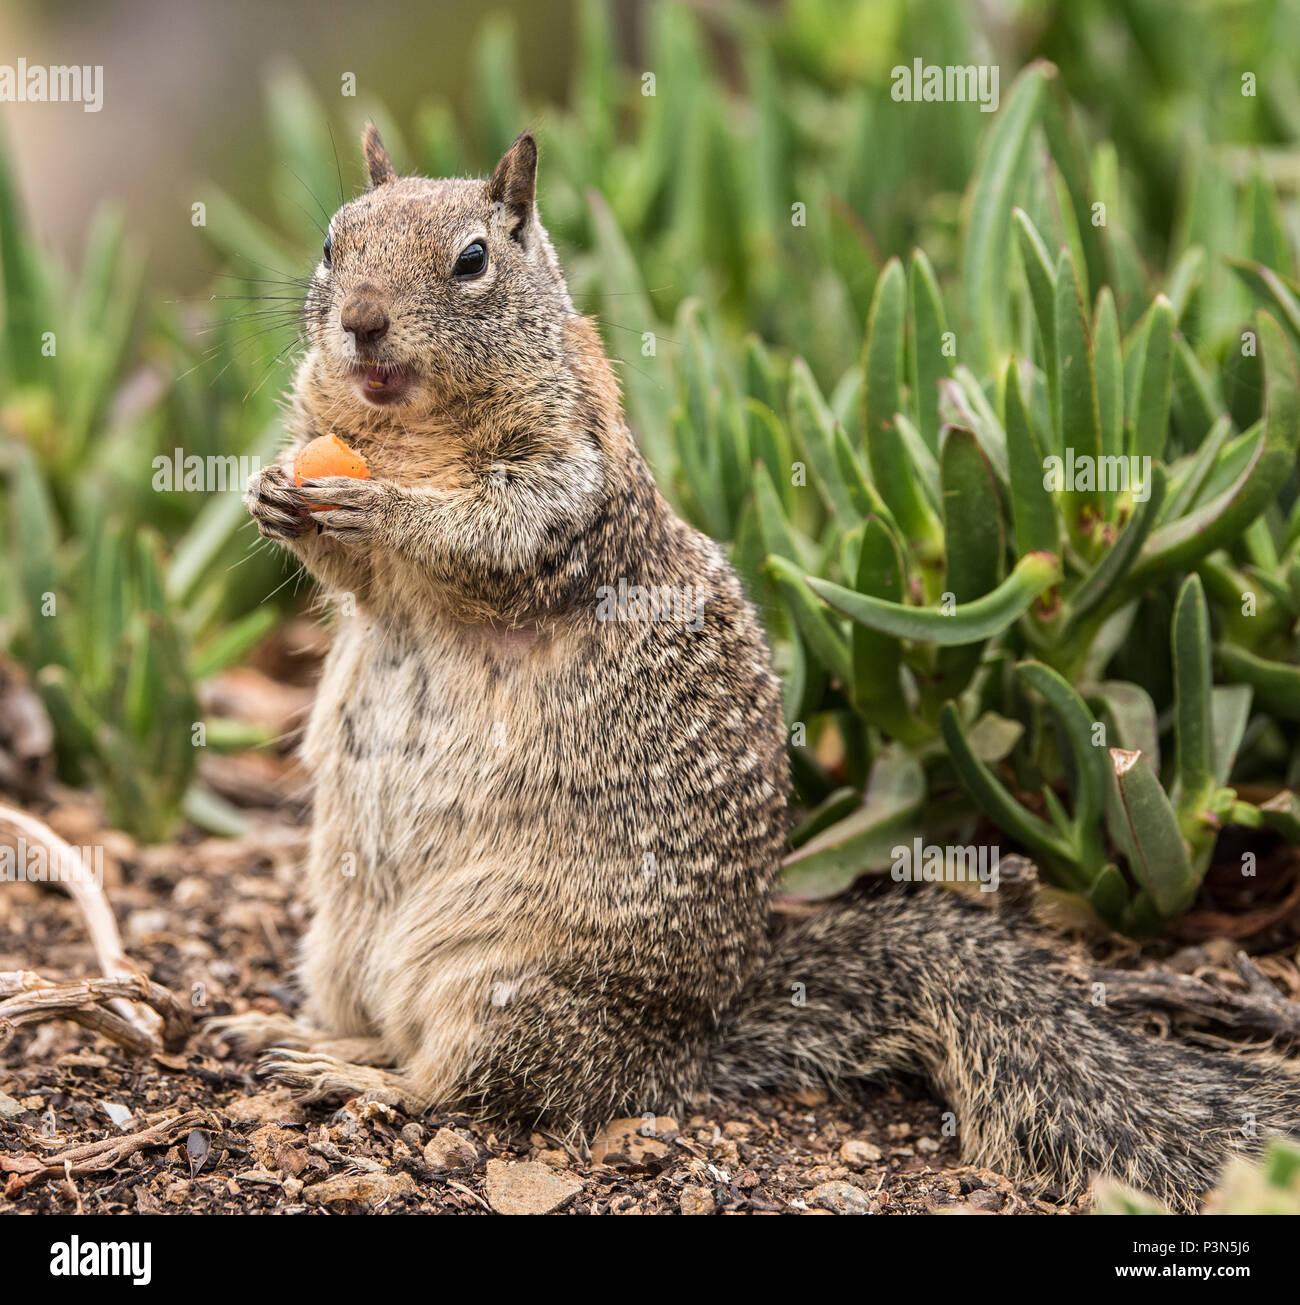 Eichhörnchen sitzend essen eine Karotte mit grünem Hintergrund Stockfoto